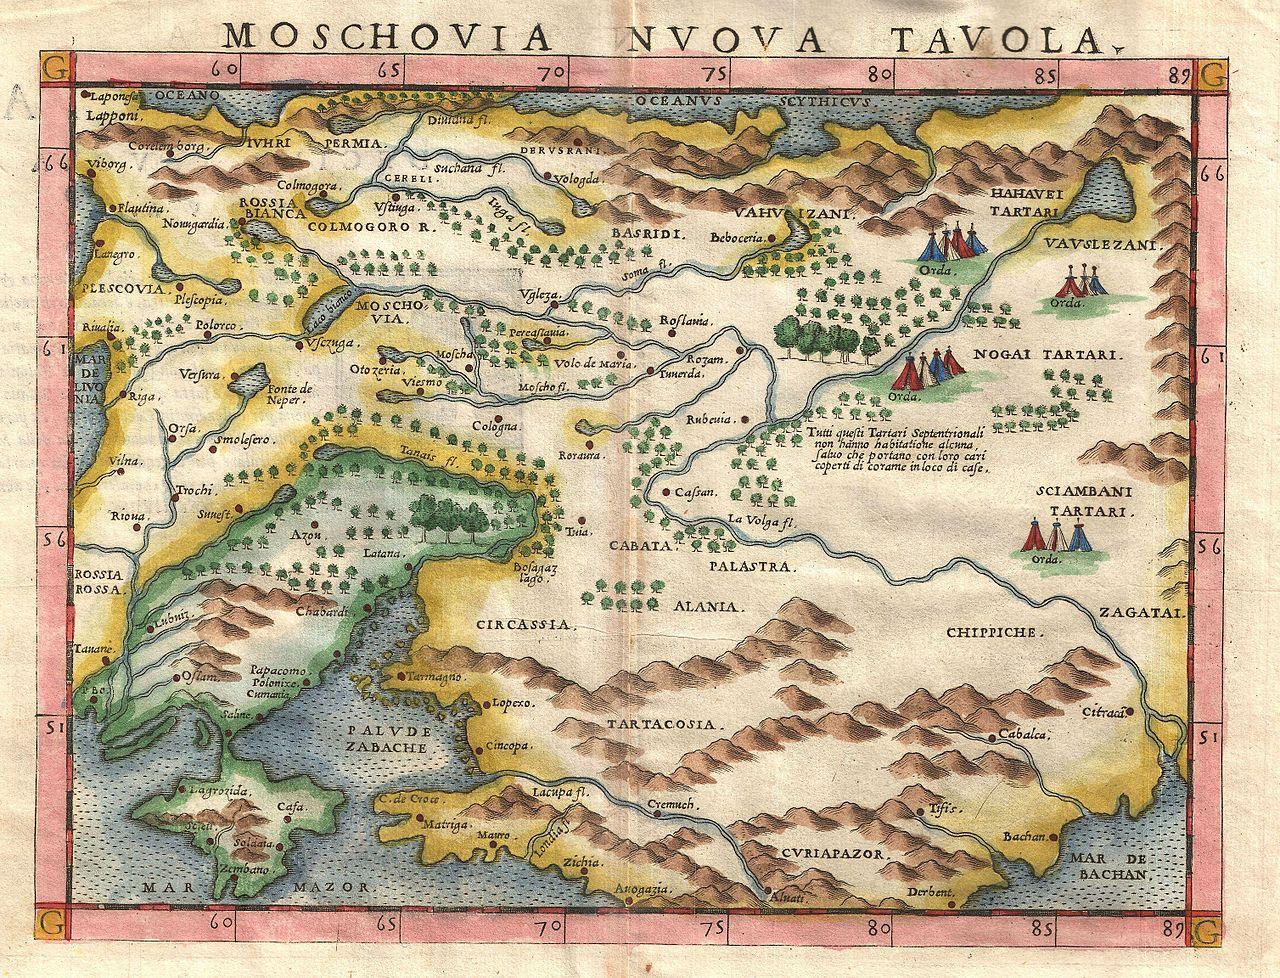 Photo gratuite d'une carte ancienne trouvée sur le site d'images gratuites Geographicus